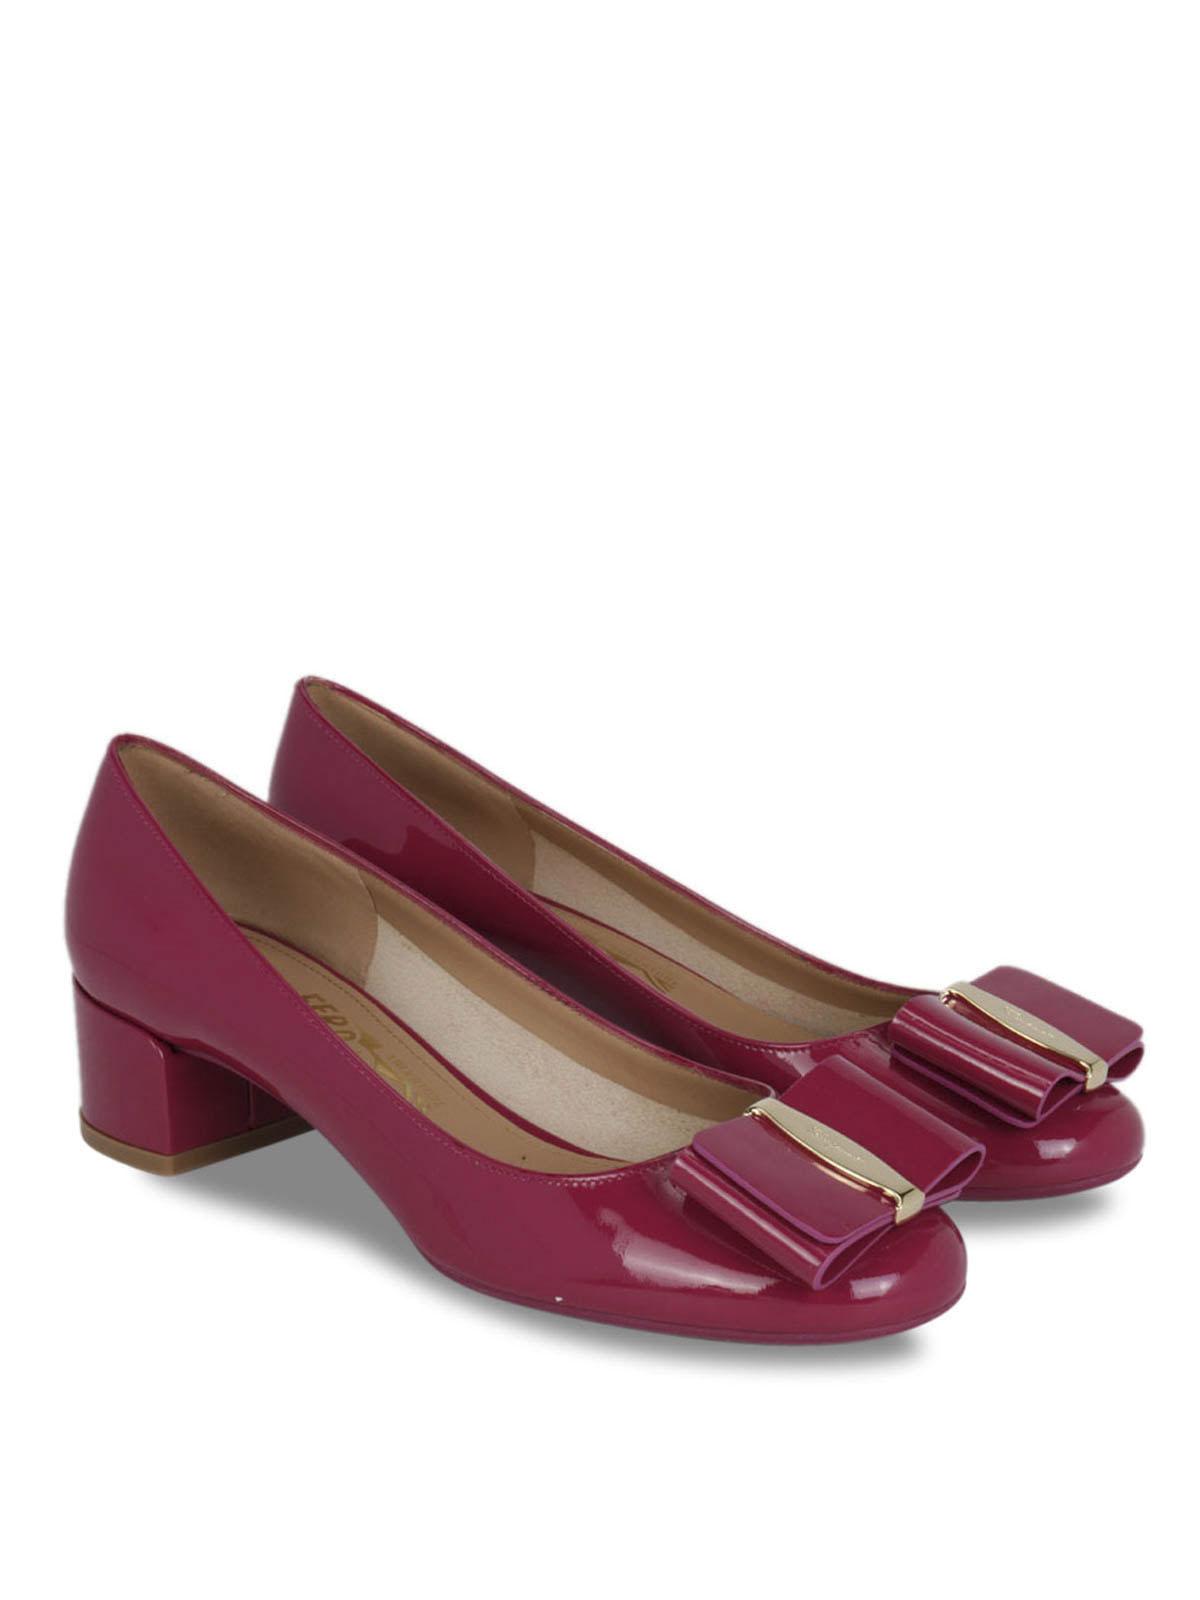 5c5845bd86 SALVATORE FERRAGAMO: scarpe décolleté online - Décolleté in vernice